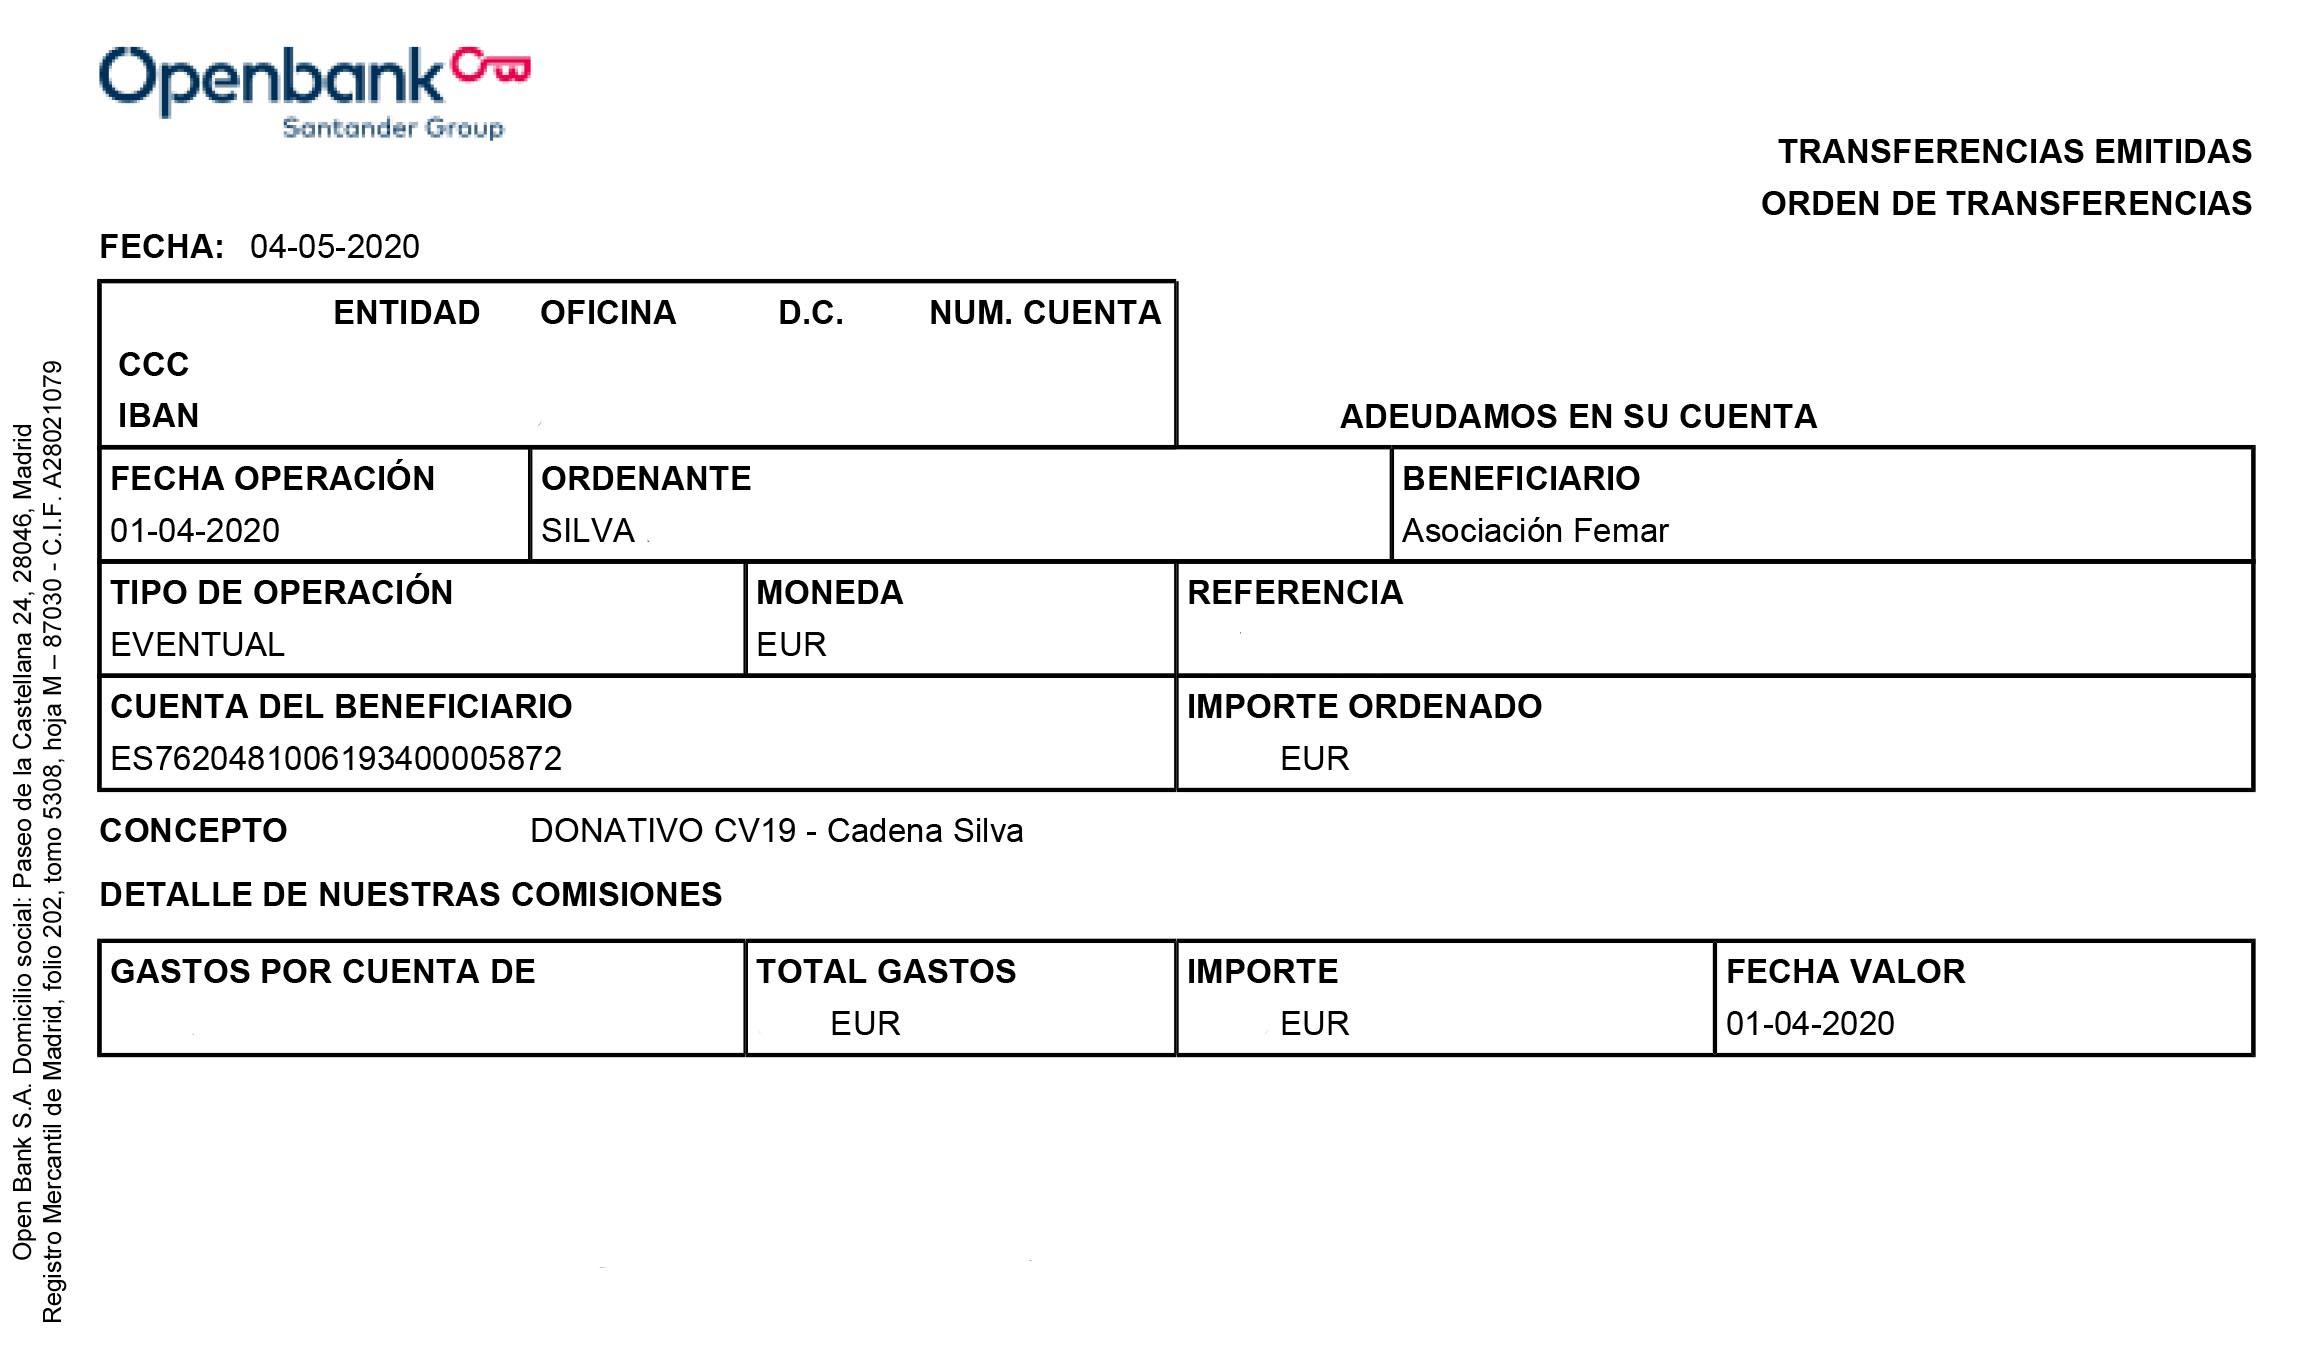 Cadena Silva ayudó económicamente a la residencia de Logrosán (Cáceres) 2020 8